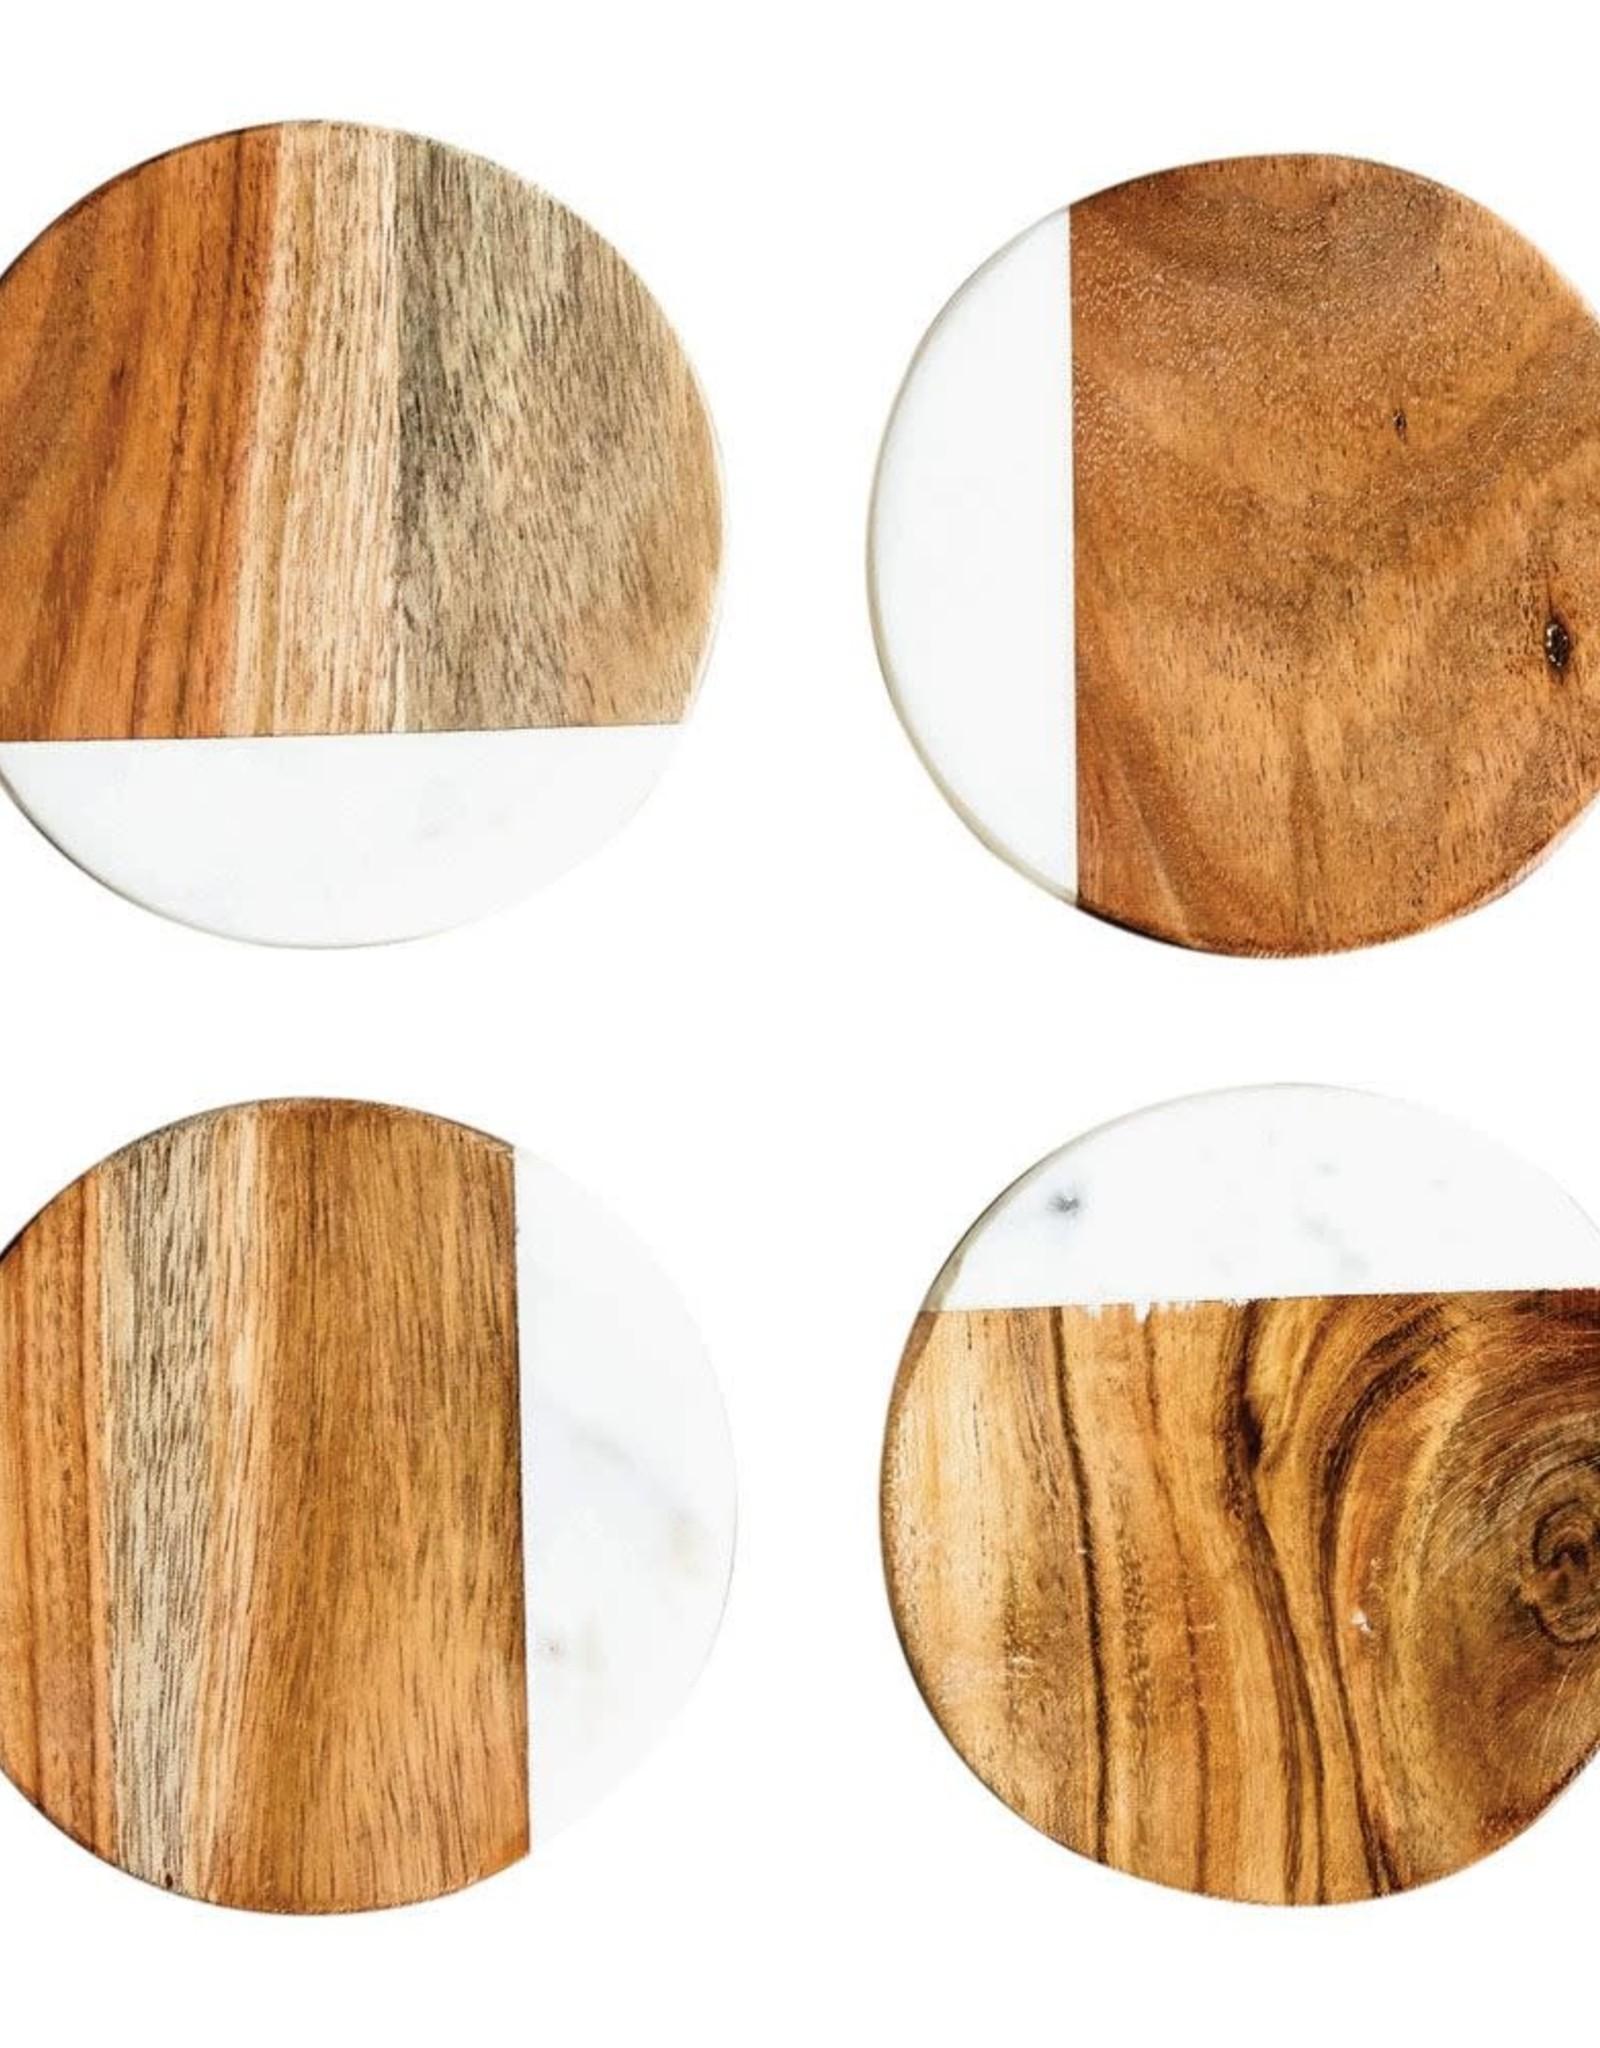 Marble & Mango Wood Coasters, Set of 4